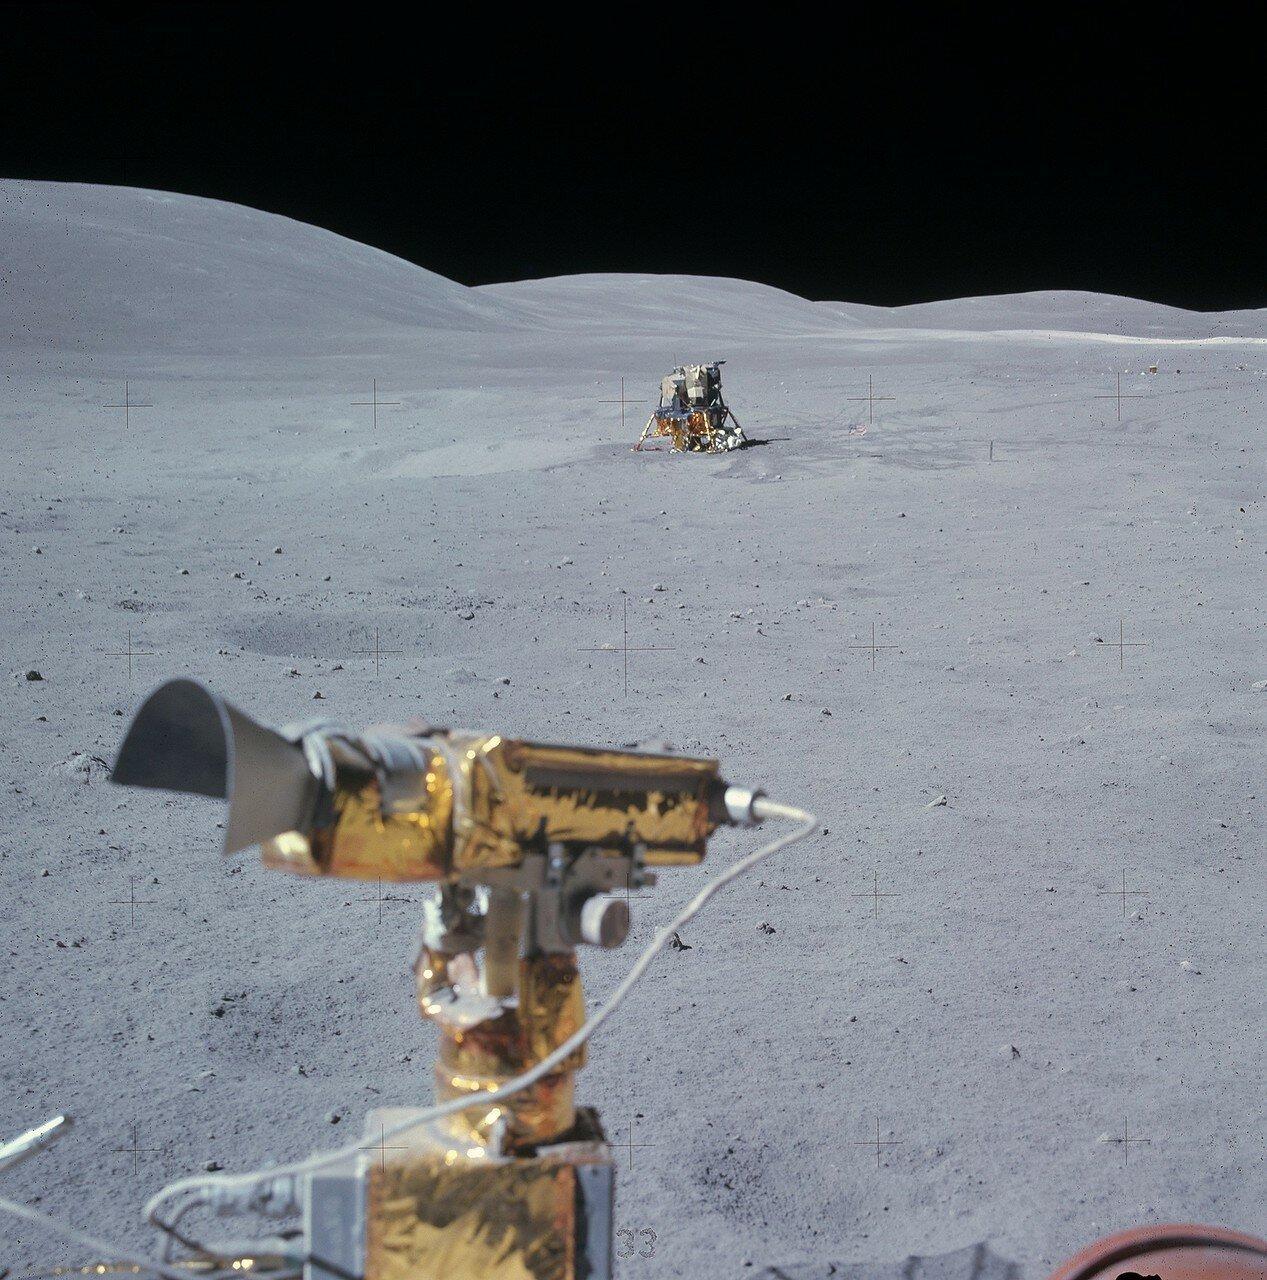 Вернувшись к лунному модулю, астронавты поставили «Ровер» в 70 метрах к юго-западу от него и в 50 метрах к северу от приборов ALSEP. На снимке: ЛМ «Орион», снятый Дьюком в конце третьей поездки. Вид с севера на юг. Справа видны приборы ALSEP